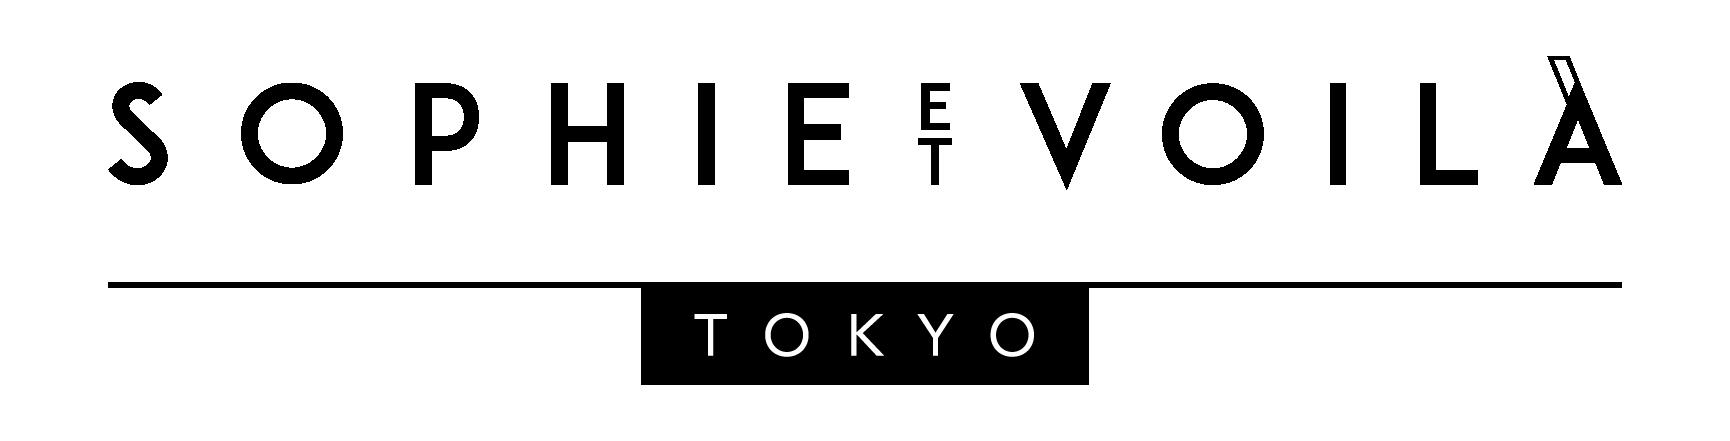 Sophie et Voilà - Tokyo